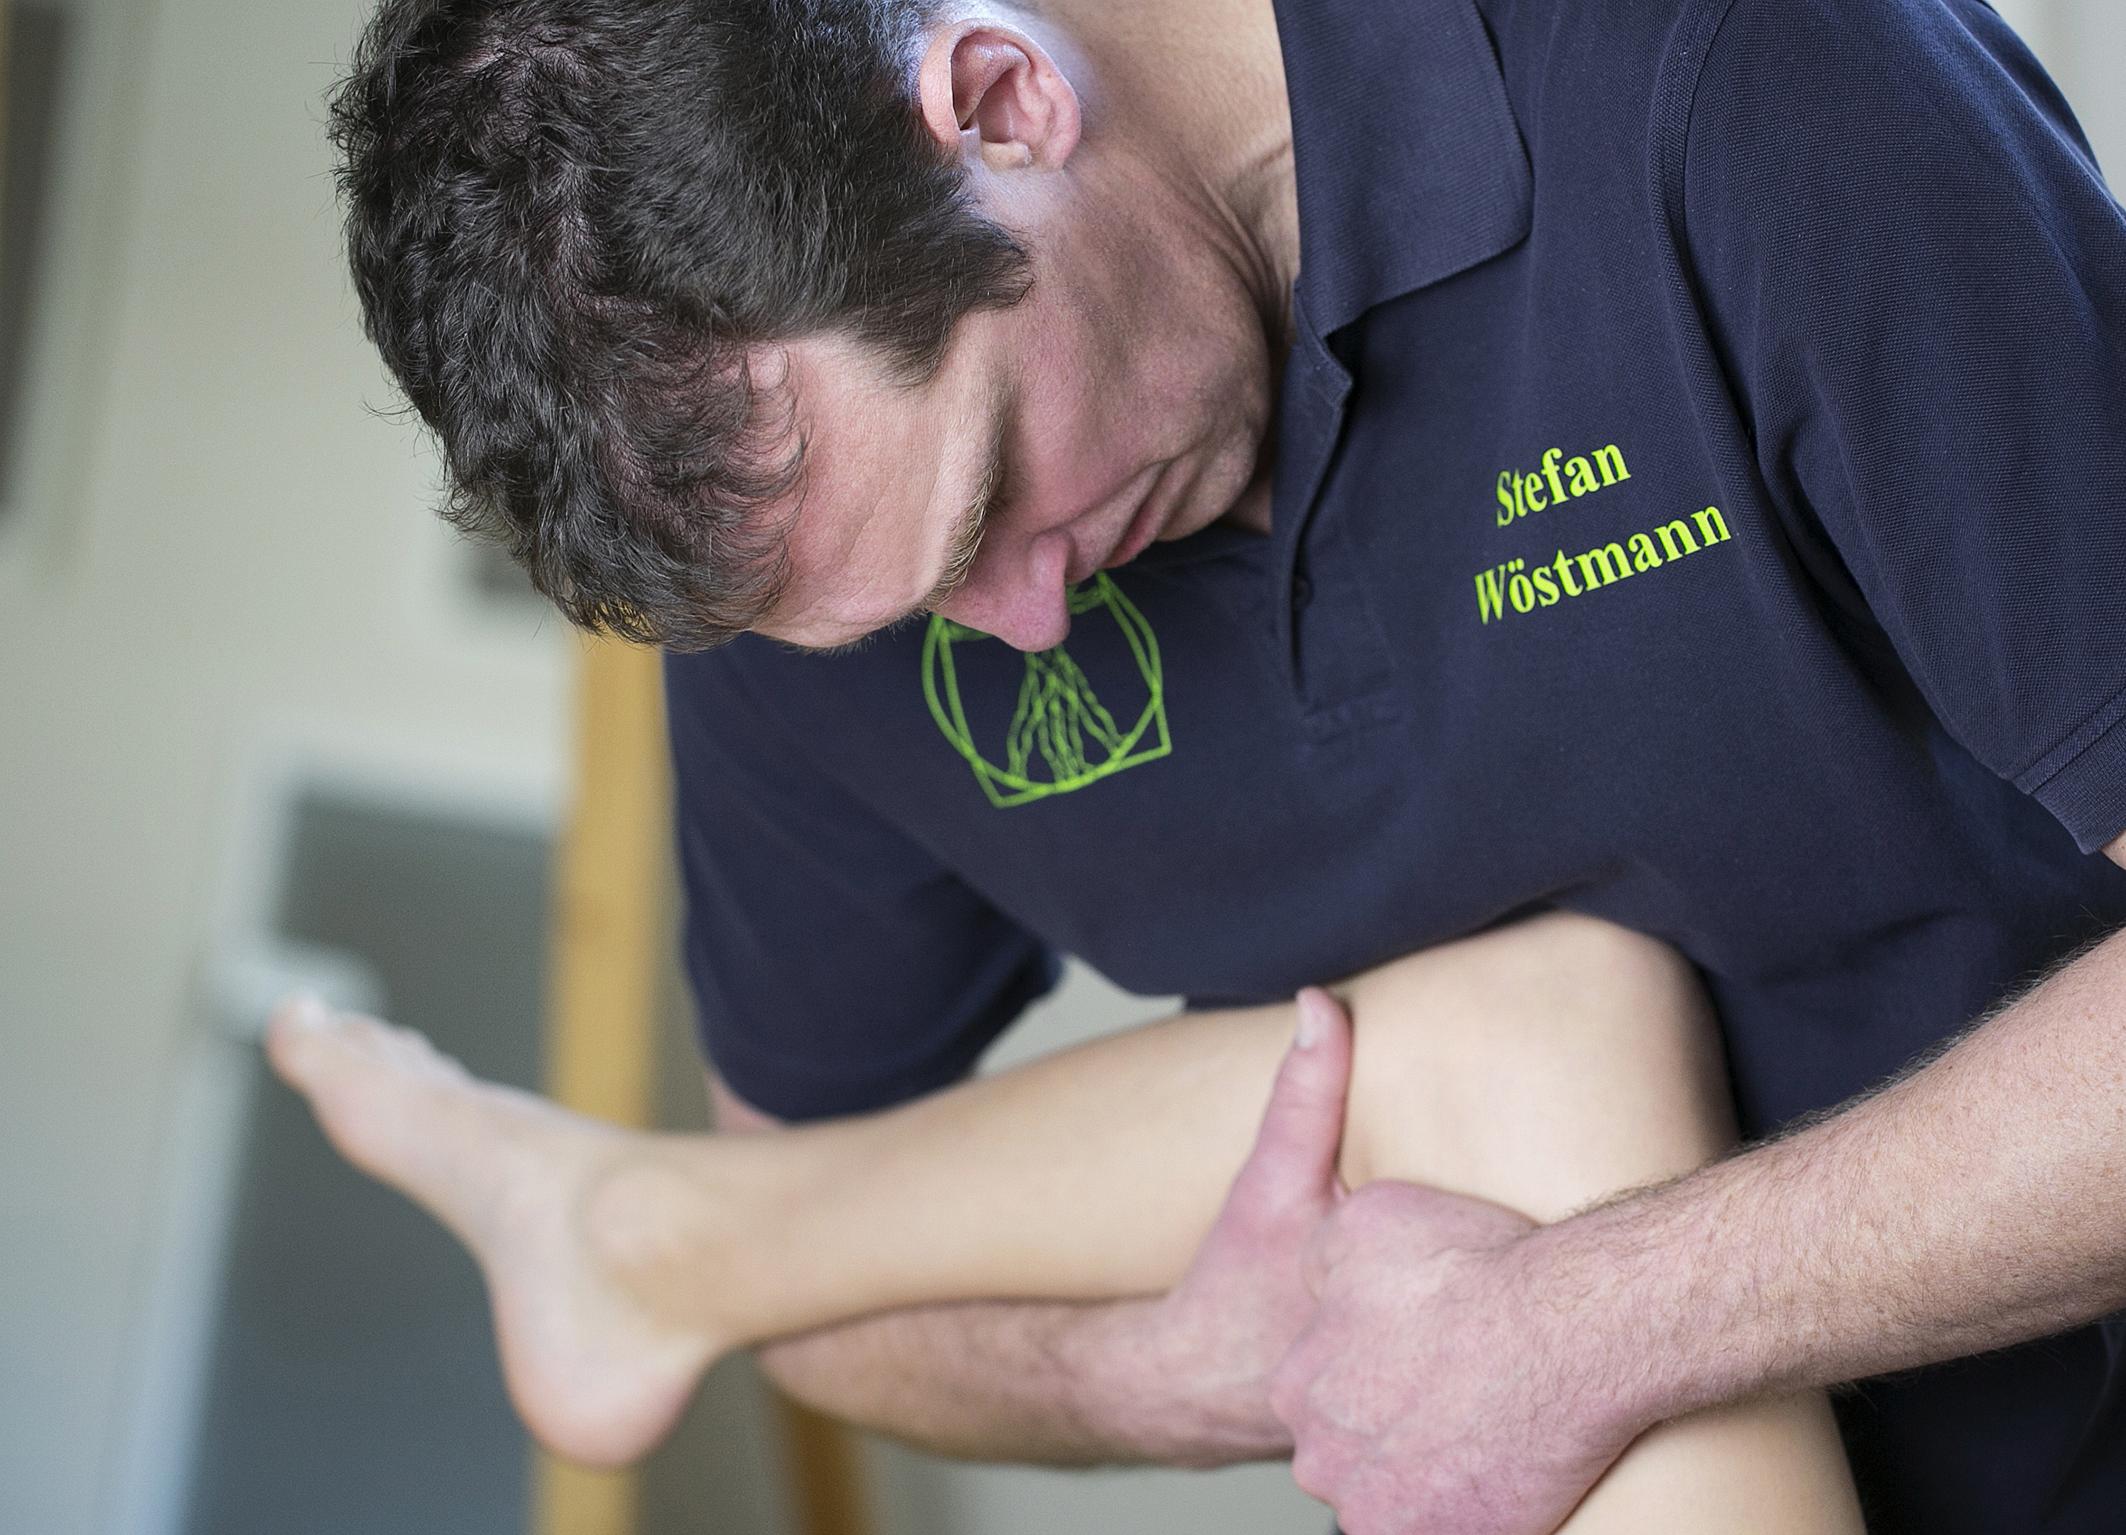 Praxis Wöstmann - Ein umfangreiches Therapieangebot